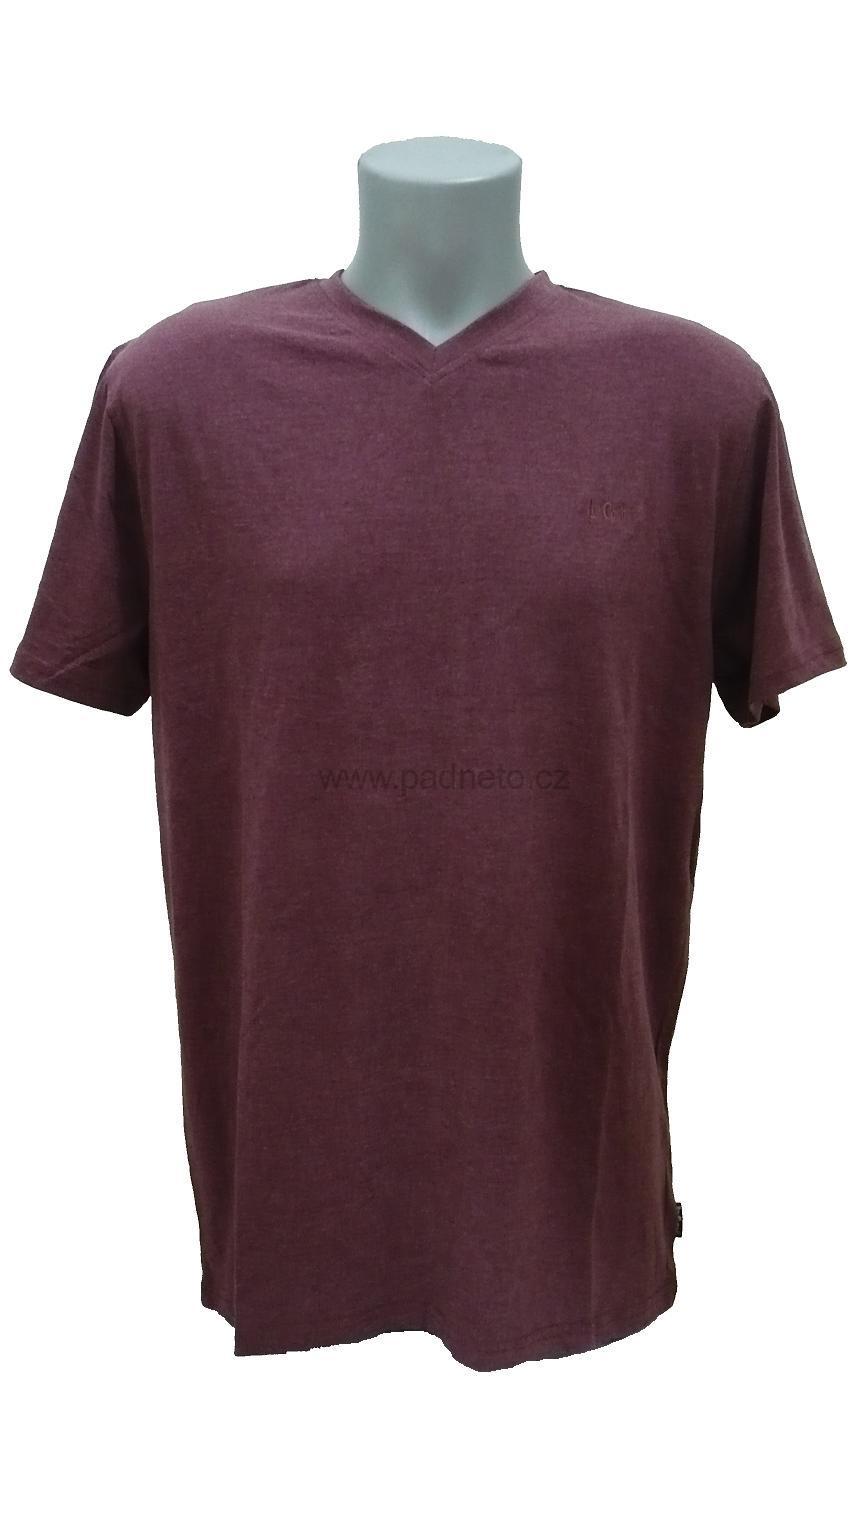 f93965404 Pánské triko, tričko – Lee Cooper   Padneto.cz - Ochotně přeměříme ...